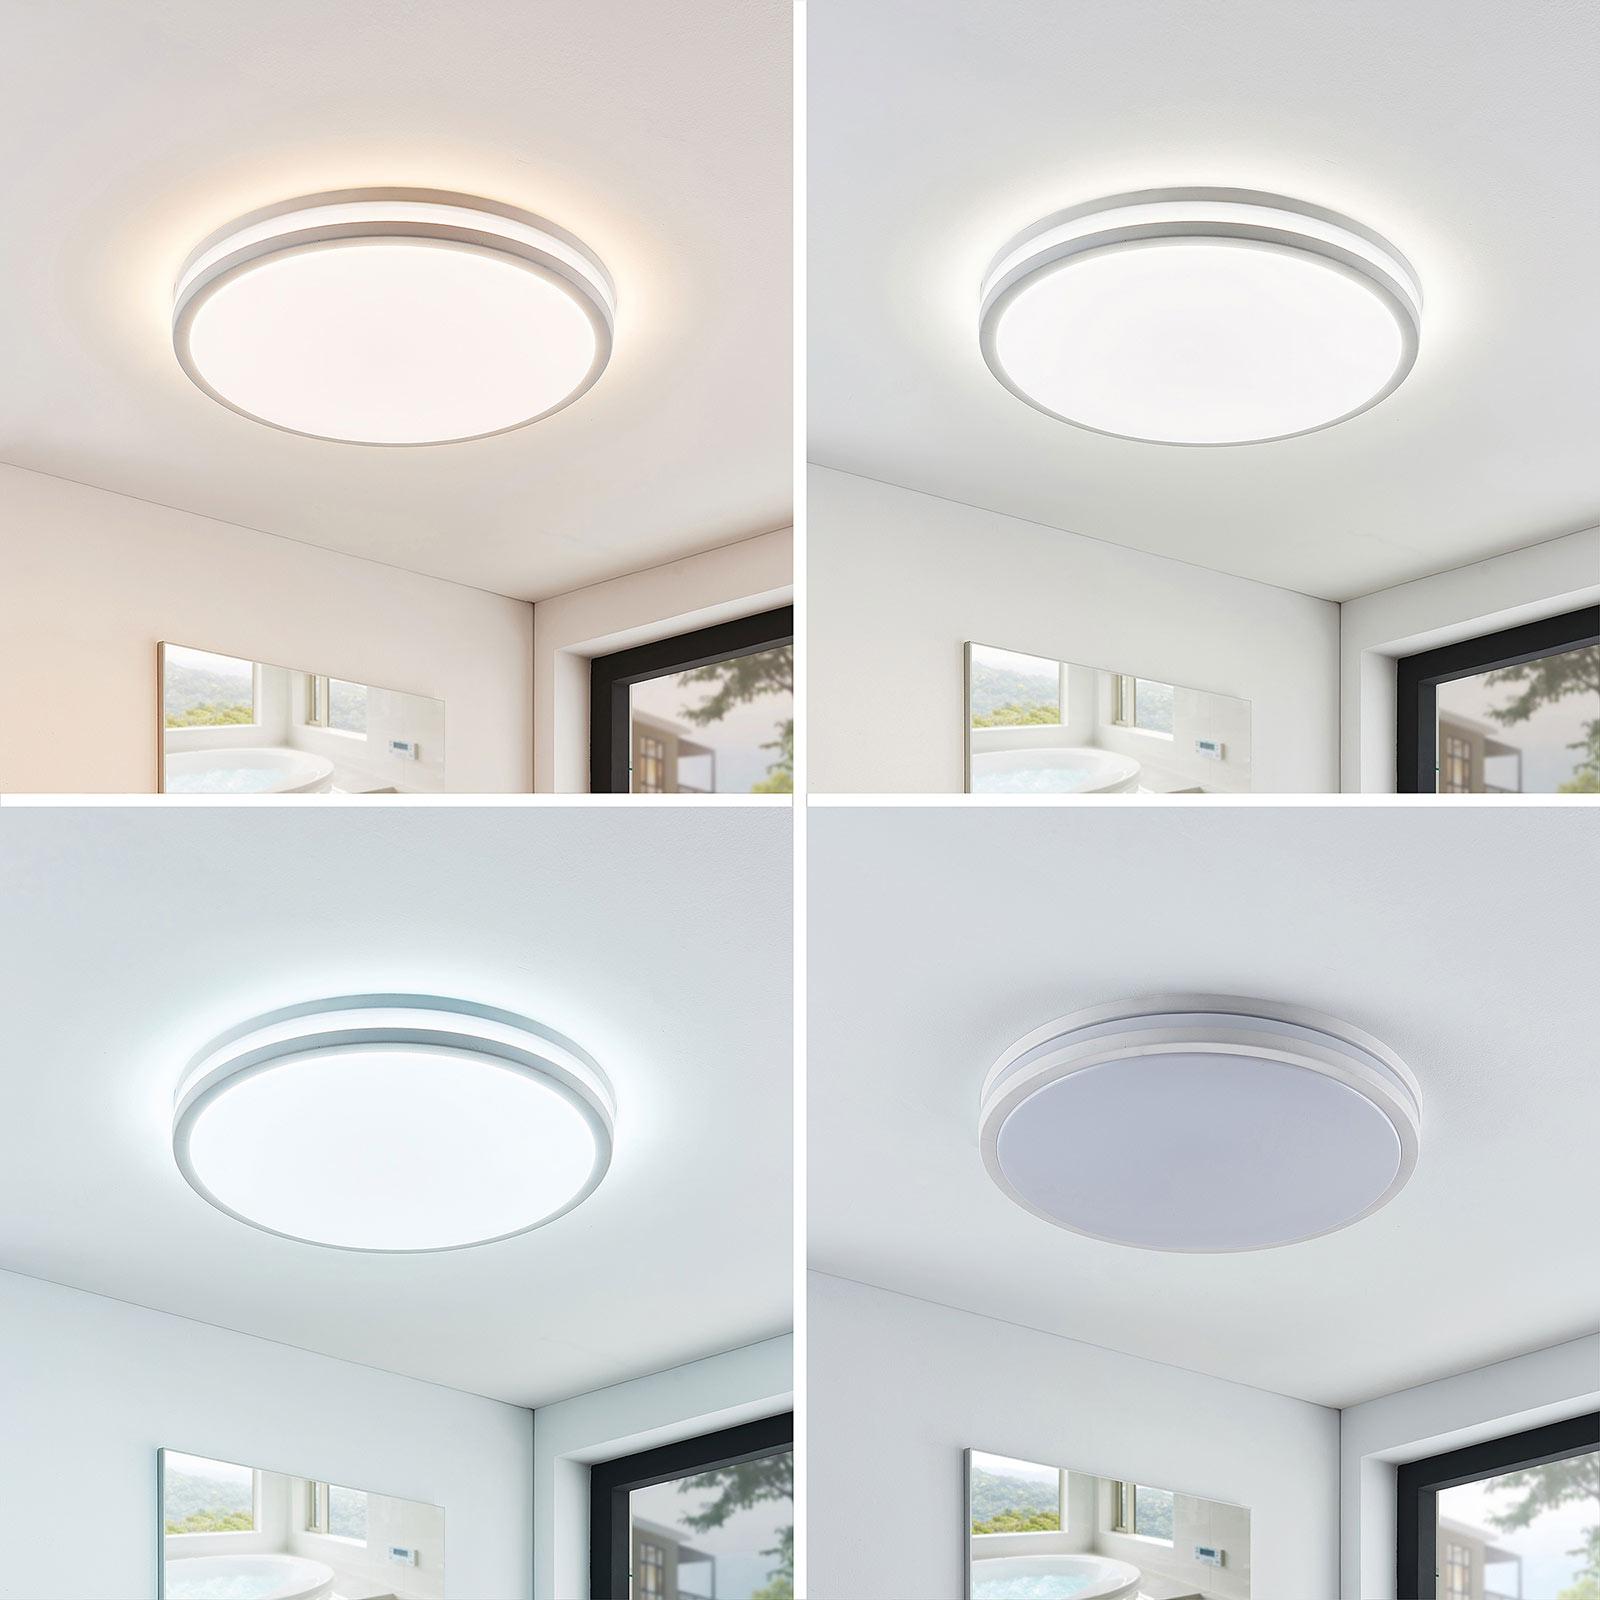 Bílé LED stropní svítidlo Arnim, kulatý tvar, IP44